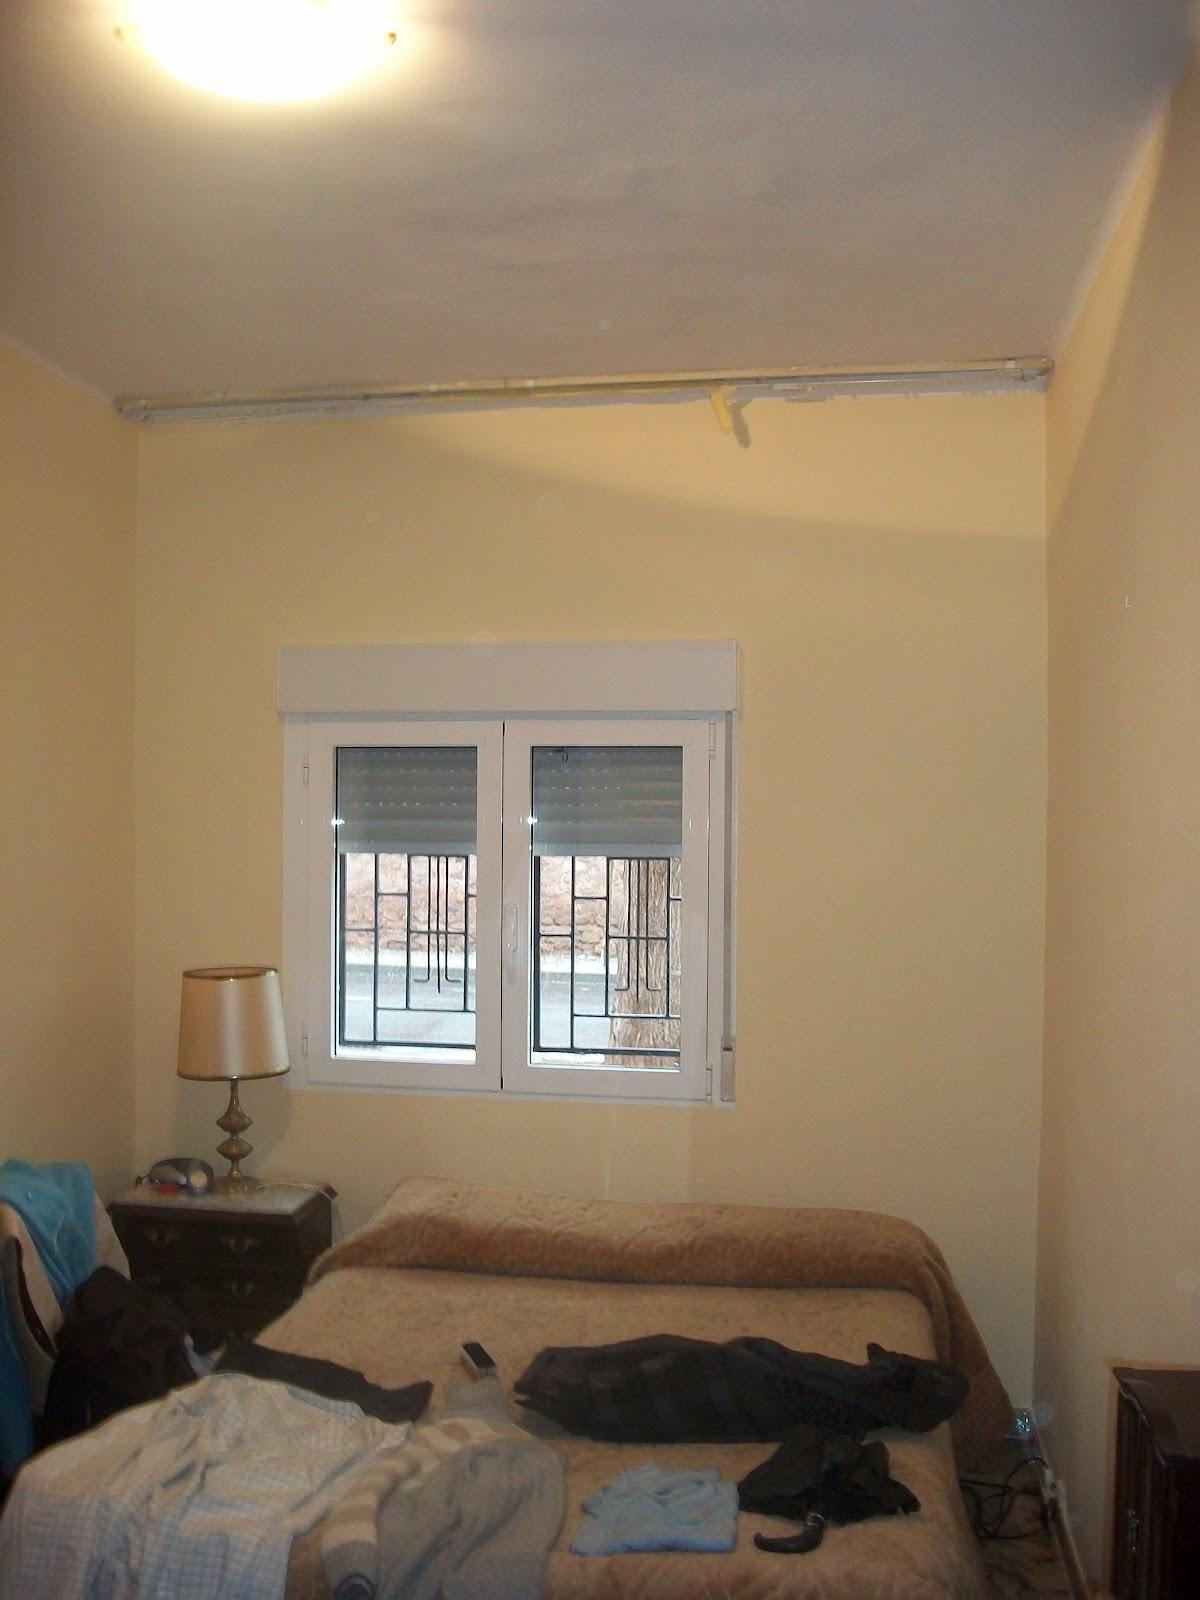 Servicios de pintura en zaragoza pintado piso particular for Pintura color ocre